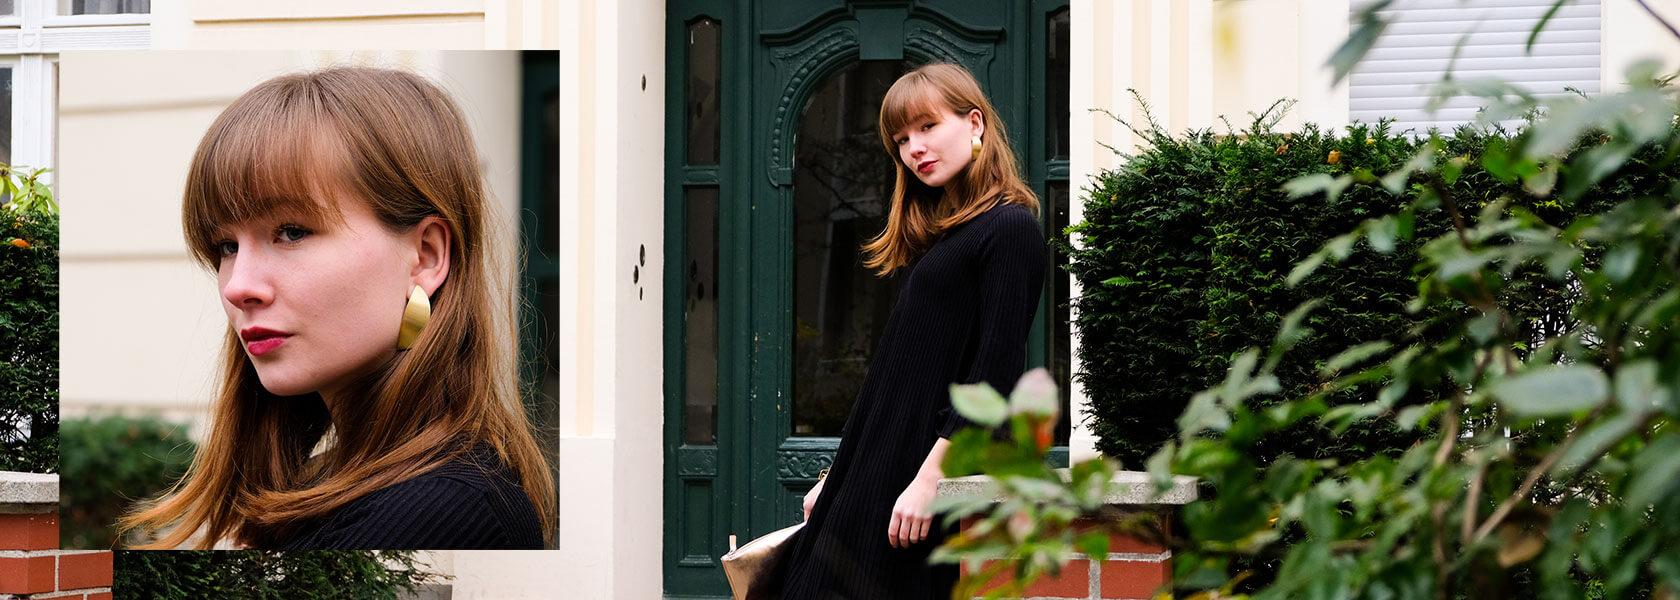 Frau in schwarzem Kleid steht vor Haustür